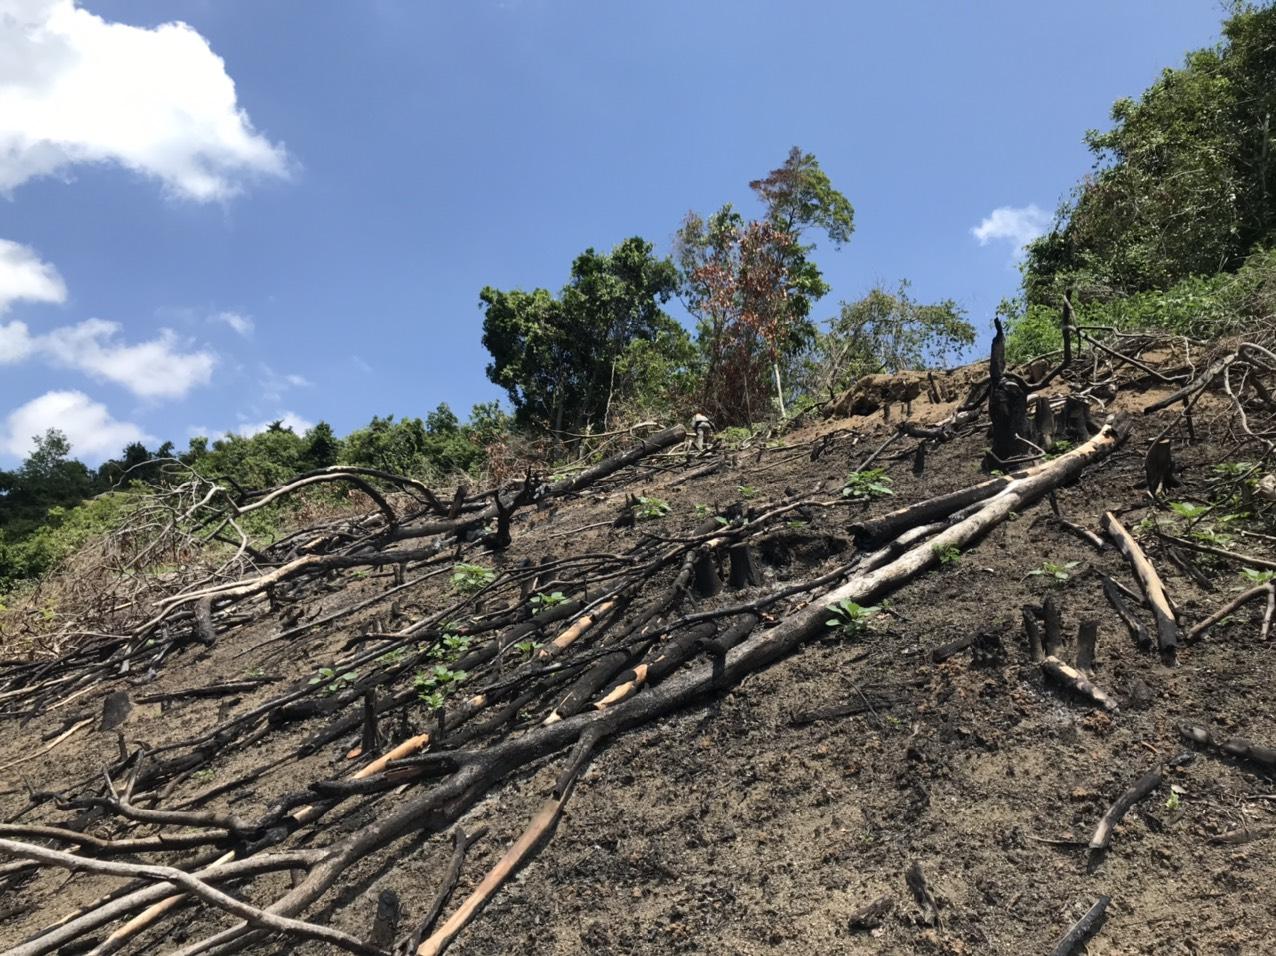 Nhiều diện tích rừng bị tàn phá và đốt cháy tại tiểu khu 235, xã Tây Thuận, huyện Tây Sơn